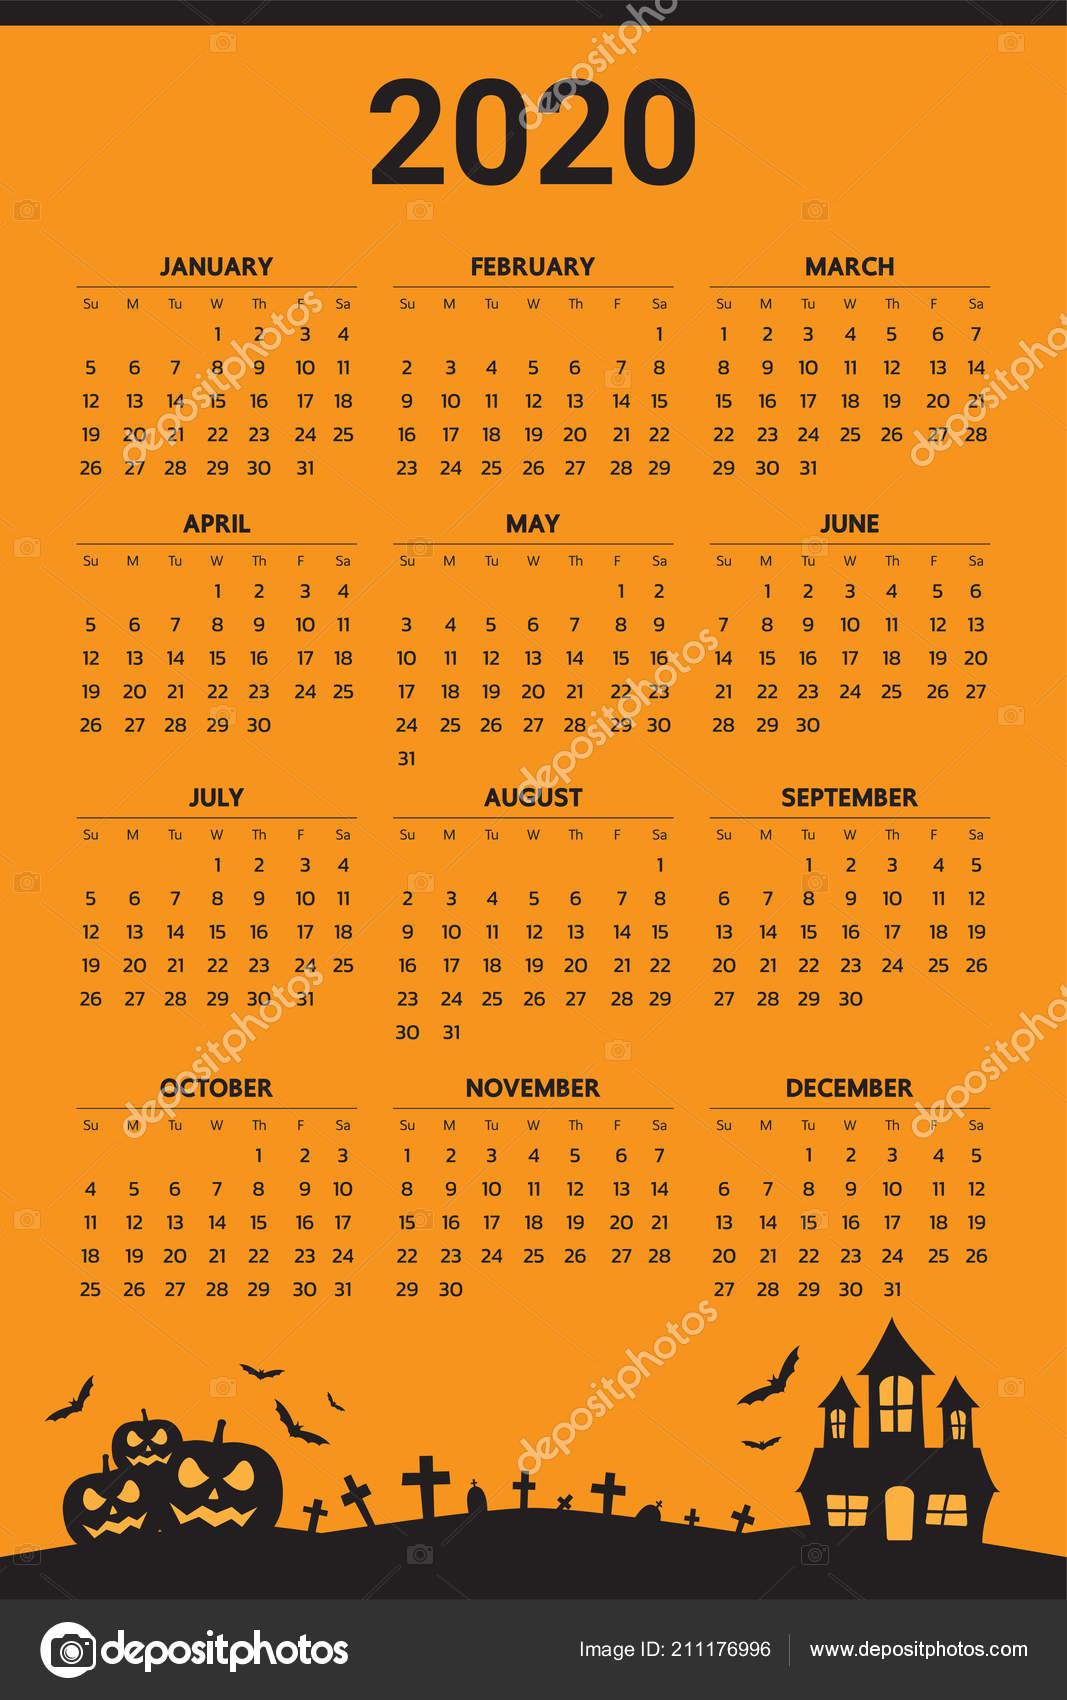 Halloween Calendar 2020 2020 Calendar Halloween Theme Vector — Stock Vector © Andramin